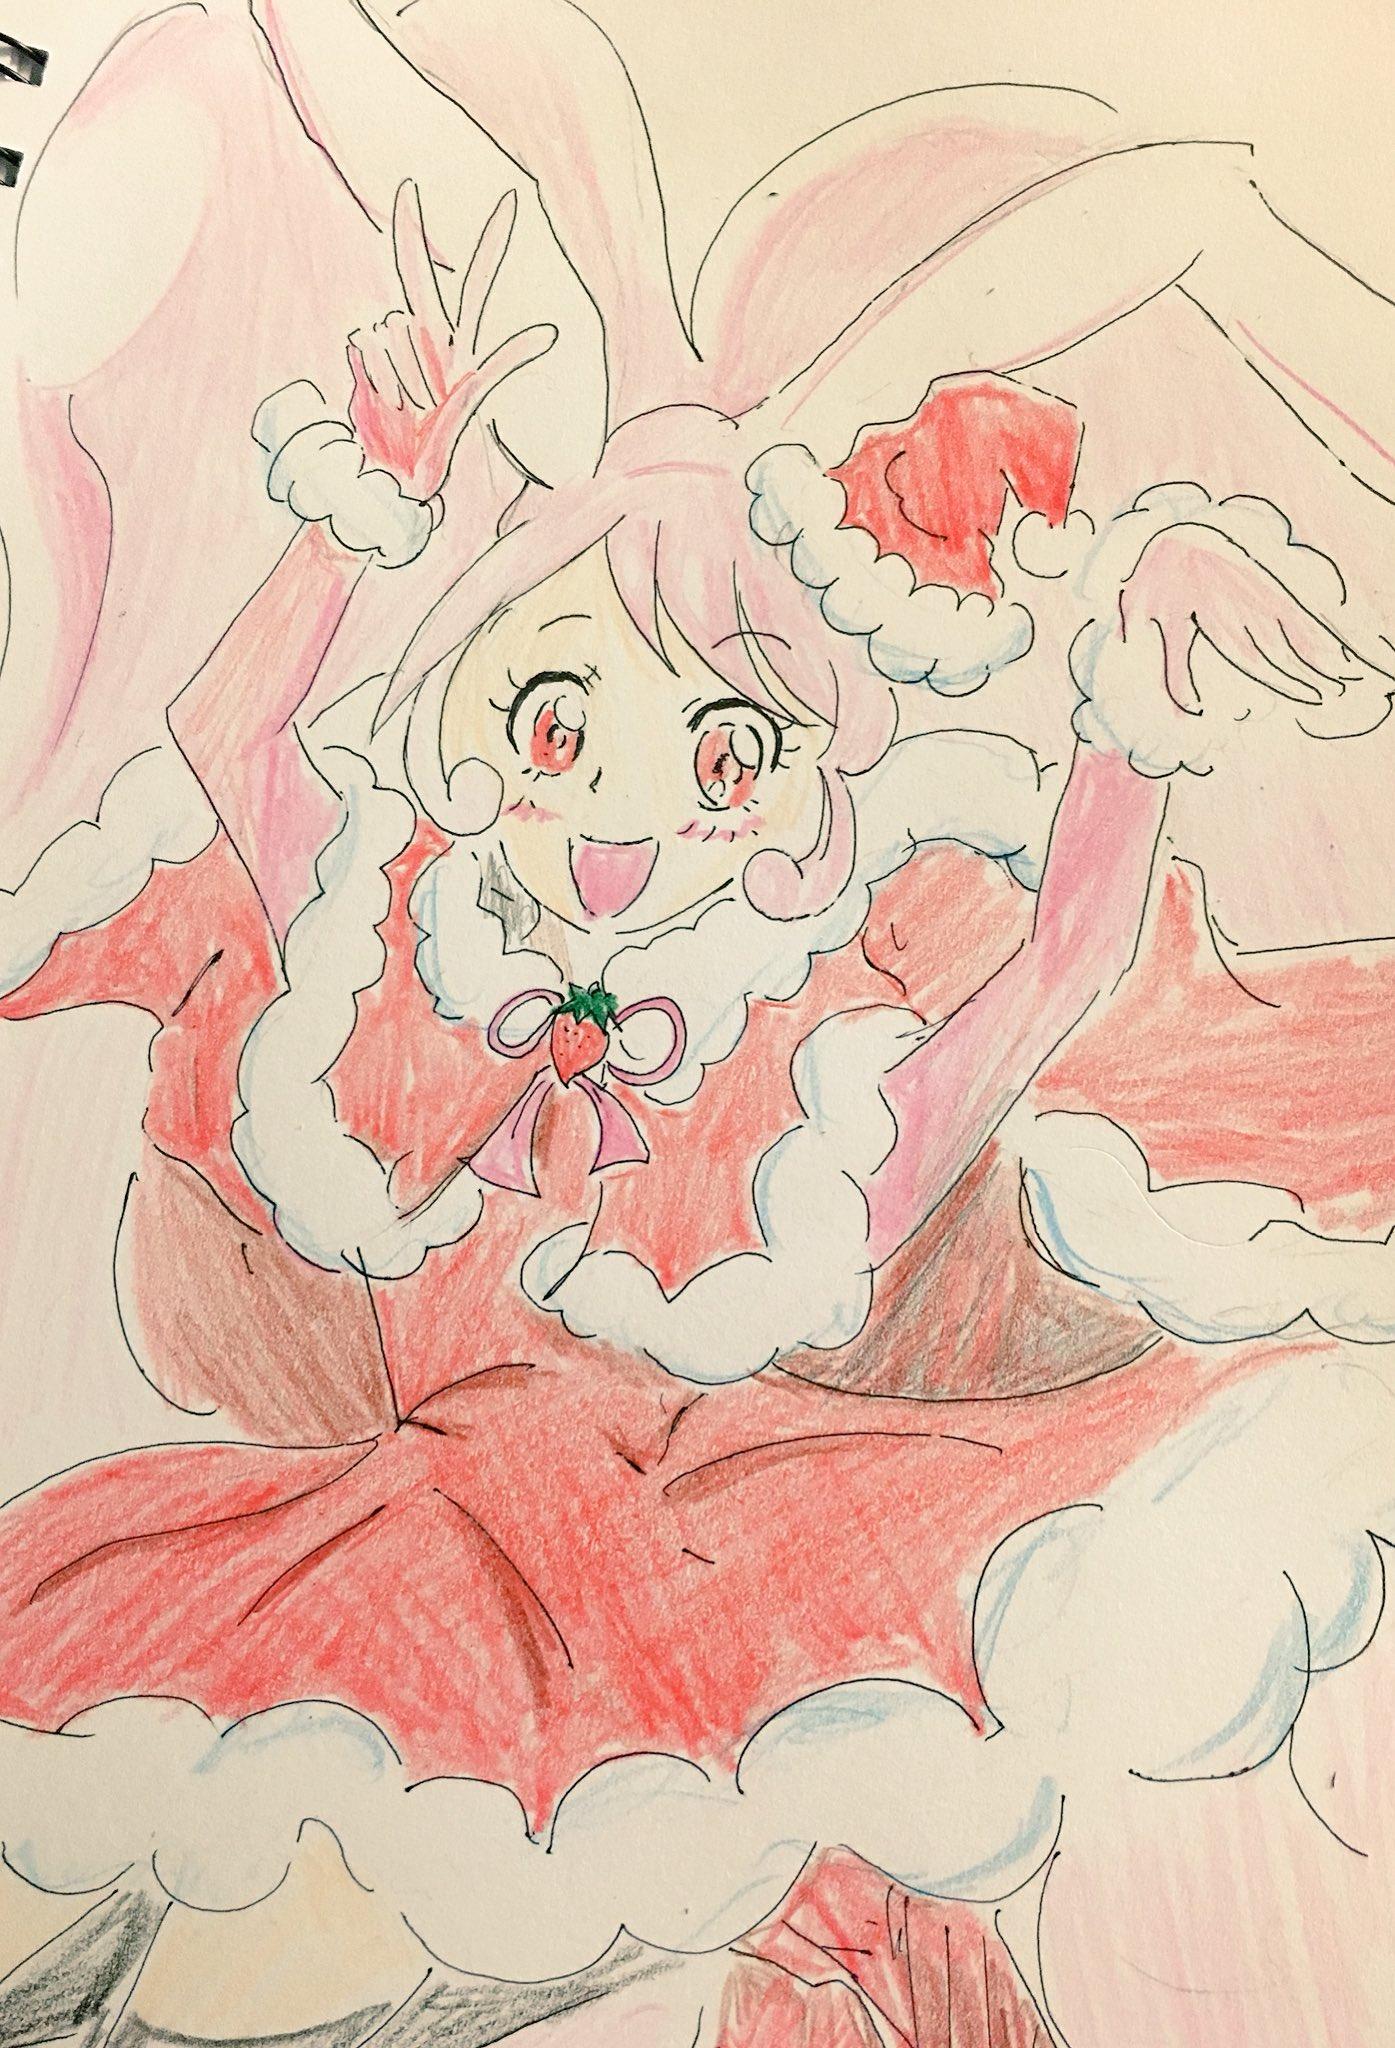 雪梗 (@SNOWBalloonF)さんのイラスト